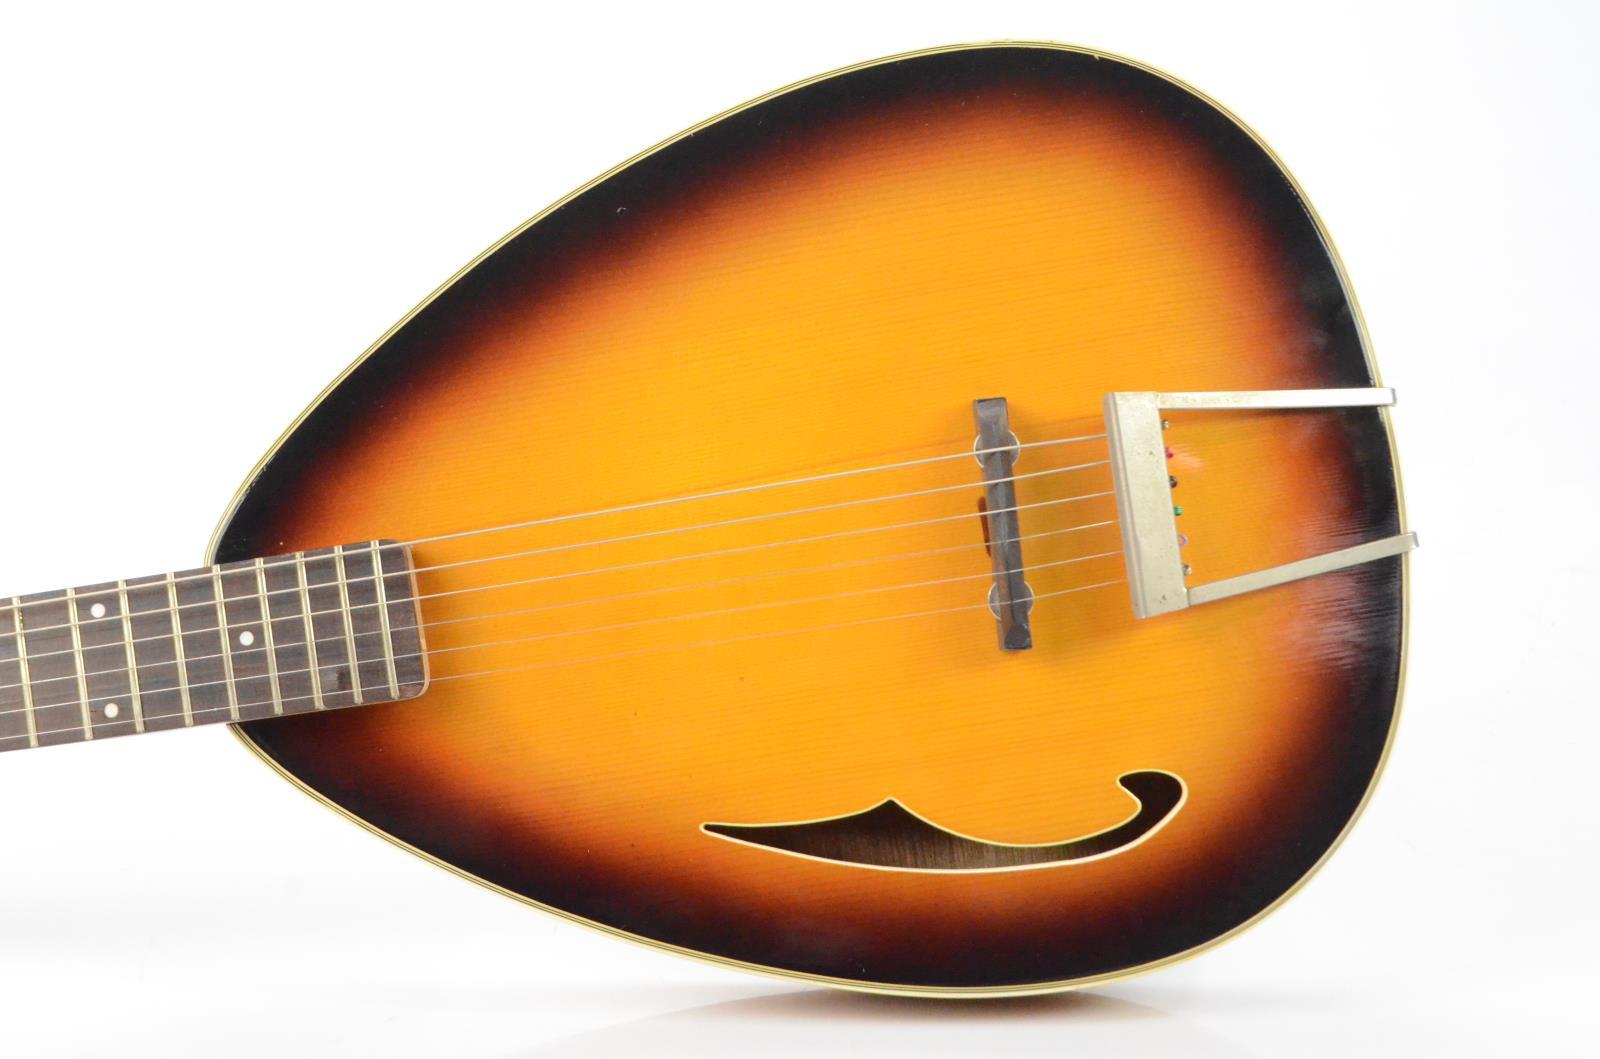 Danelectro Teardrop Acoustic Guitar Sunburst Left-Handed Carlos Rios #34008